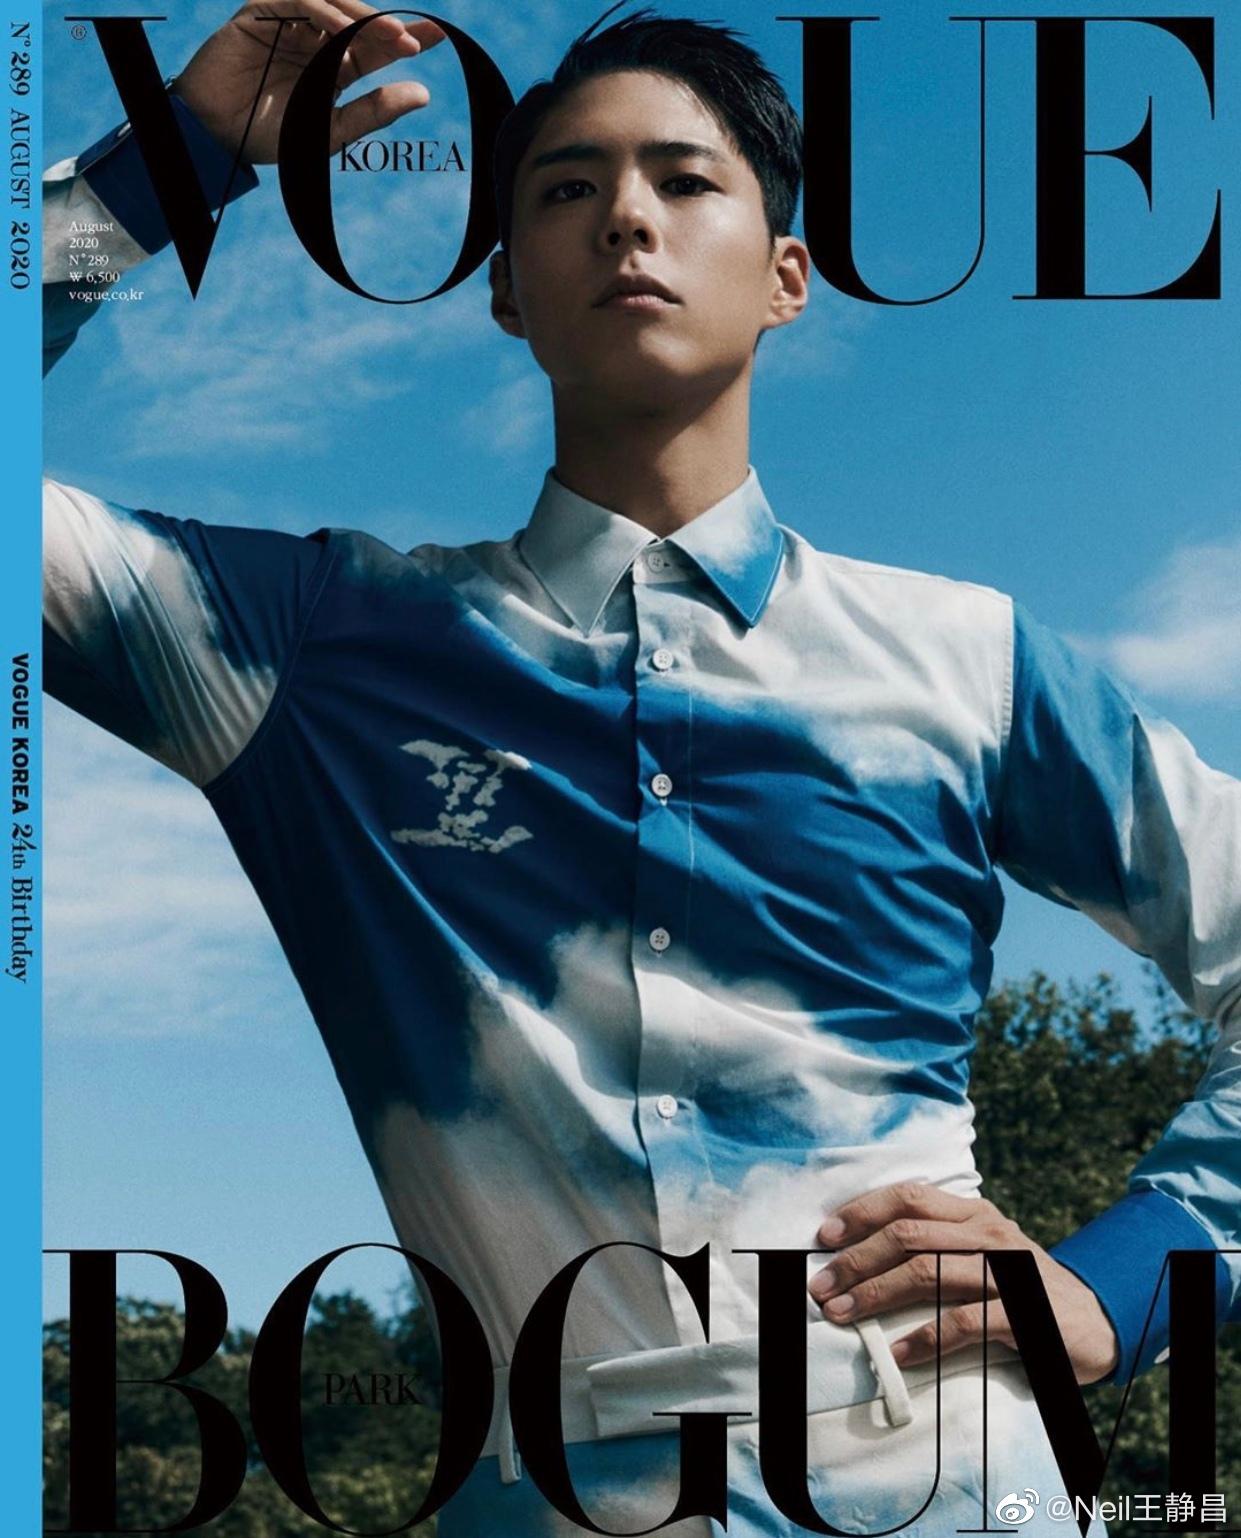 韩国版《Vogue》8月刊封面人物朴宝剑,这期也是创刊24周年!